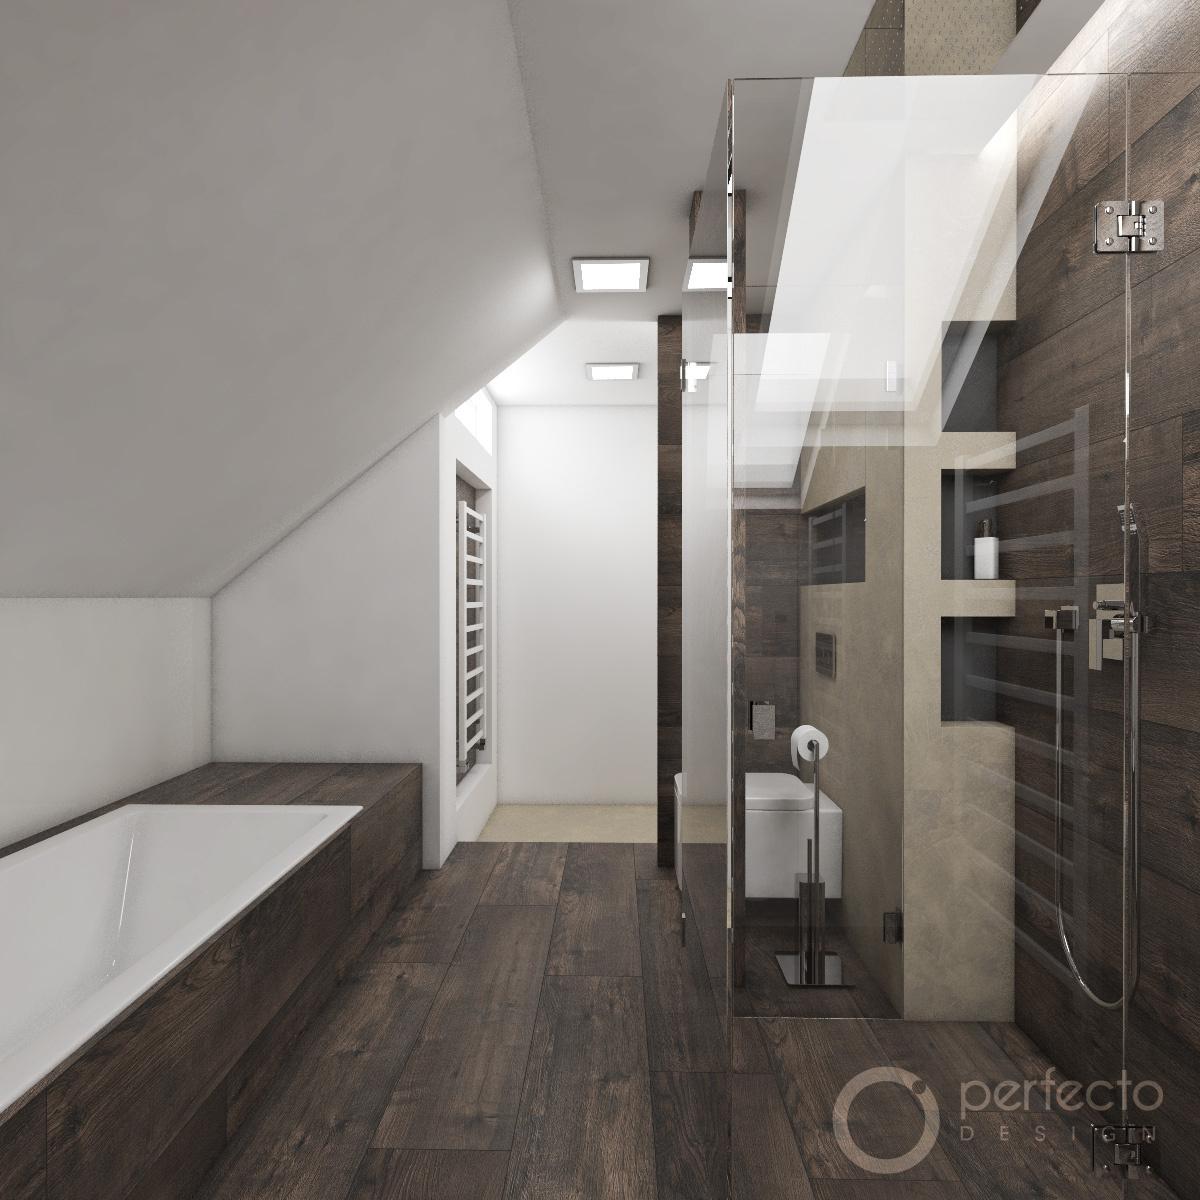 moderne badezimmer resort perfecto design. Black Bedroom Furniture Sets. Home Design Ideas